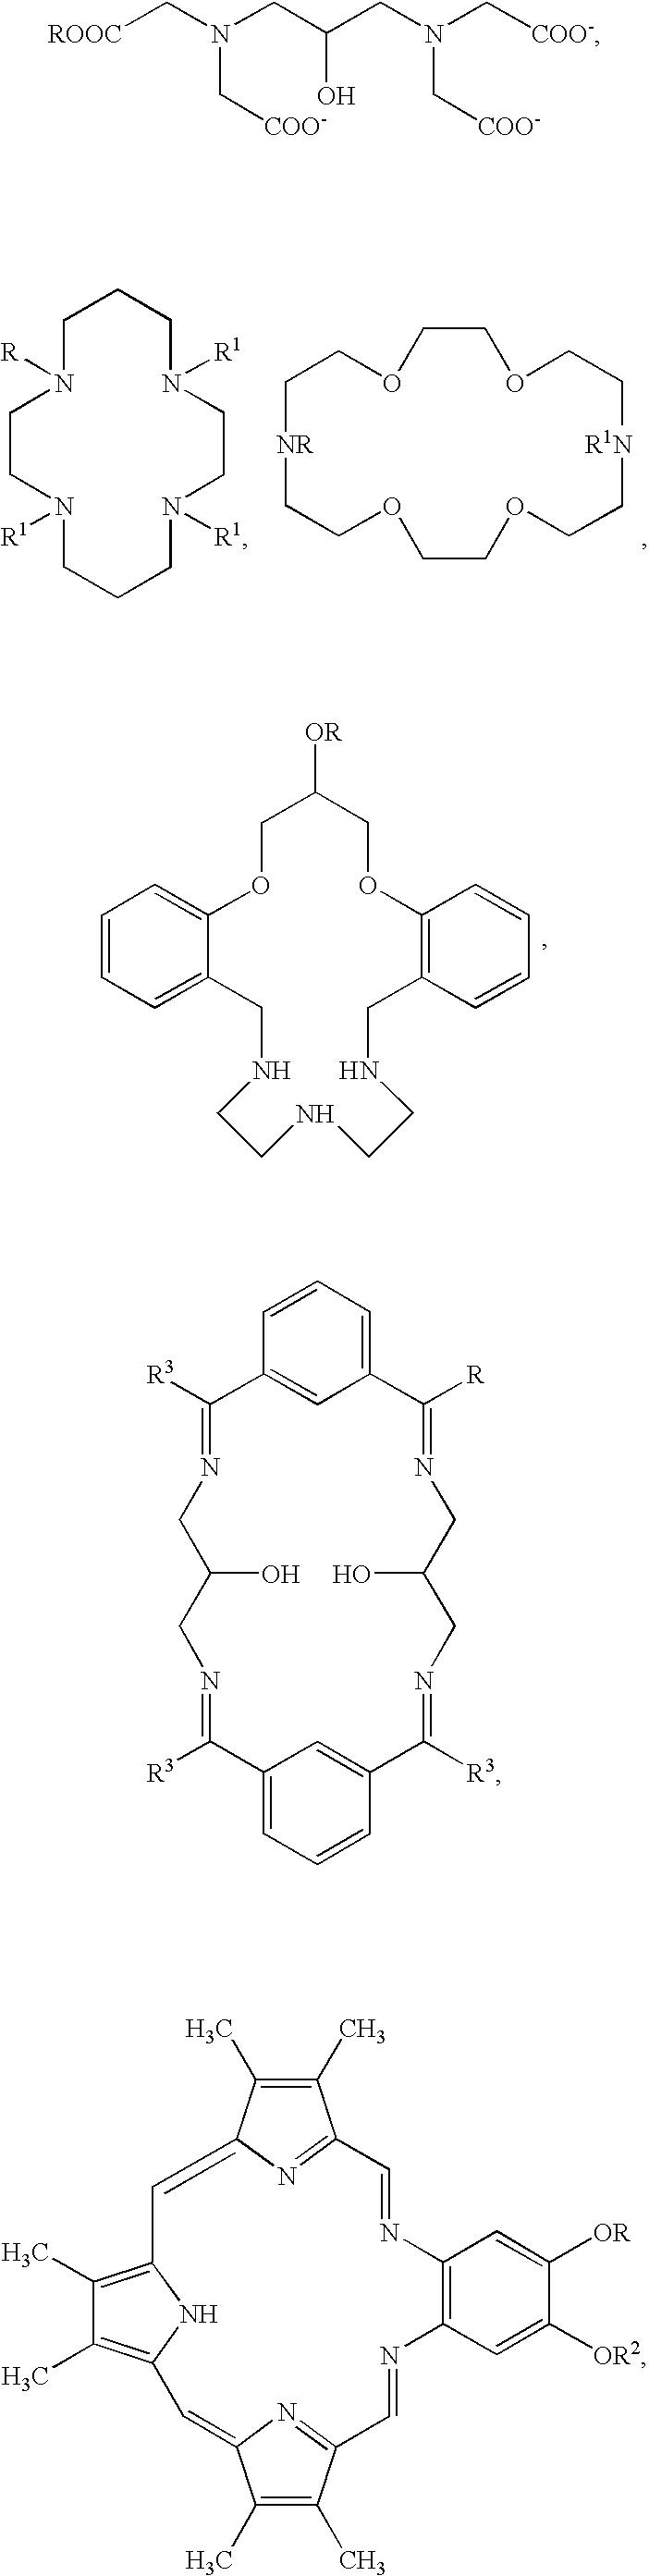 Figure US07786292-20100831-C00028